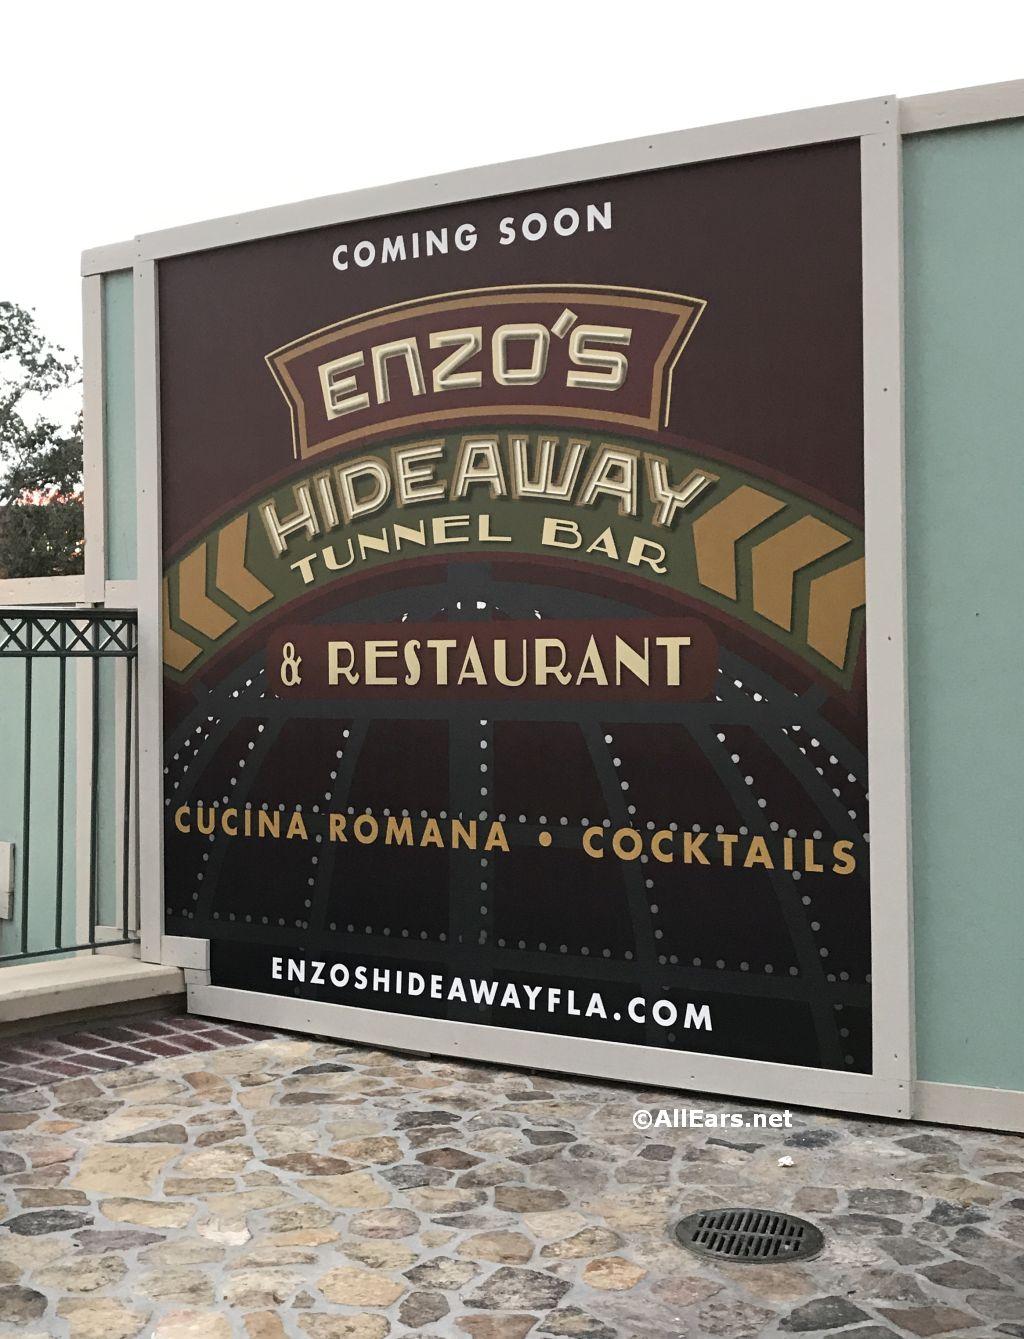 Enzo's Hideaway Tunnel Bar